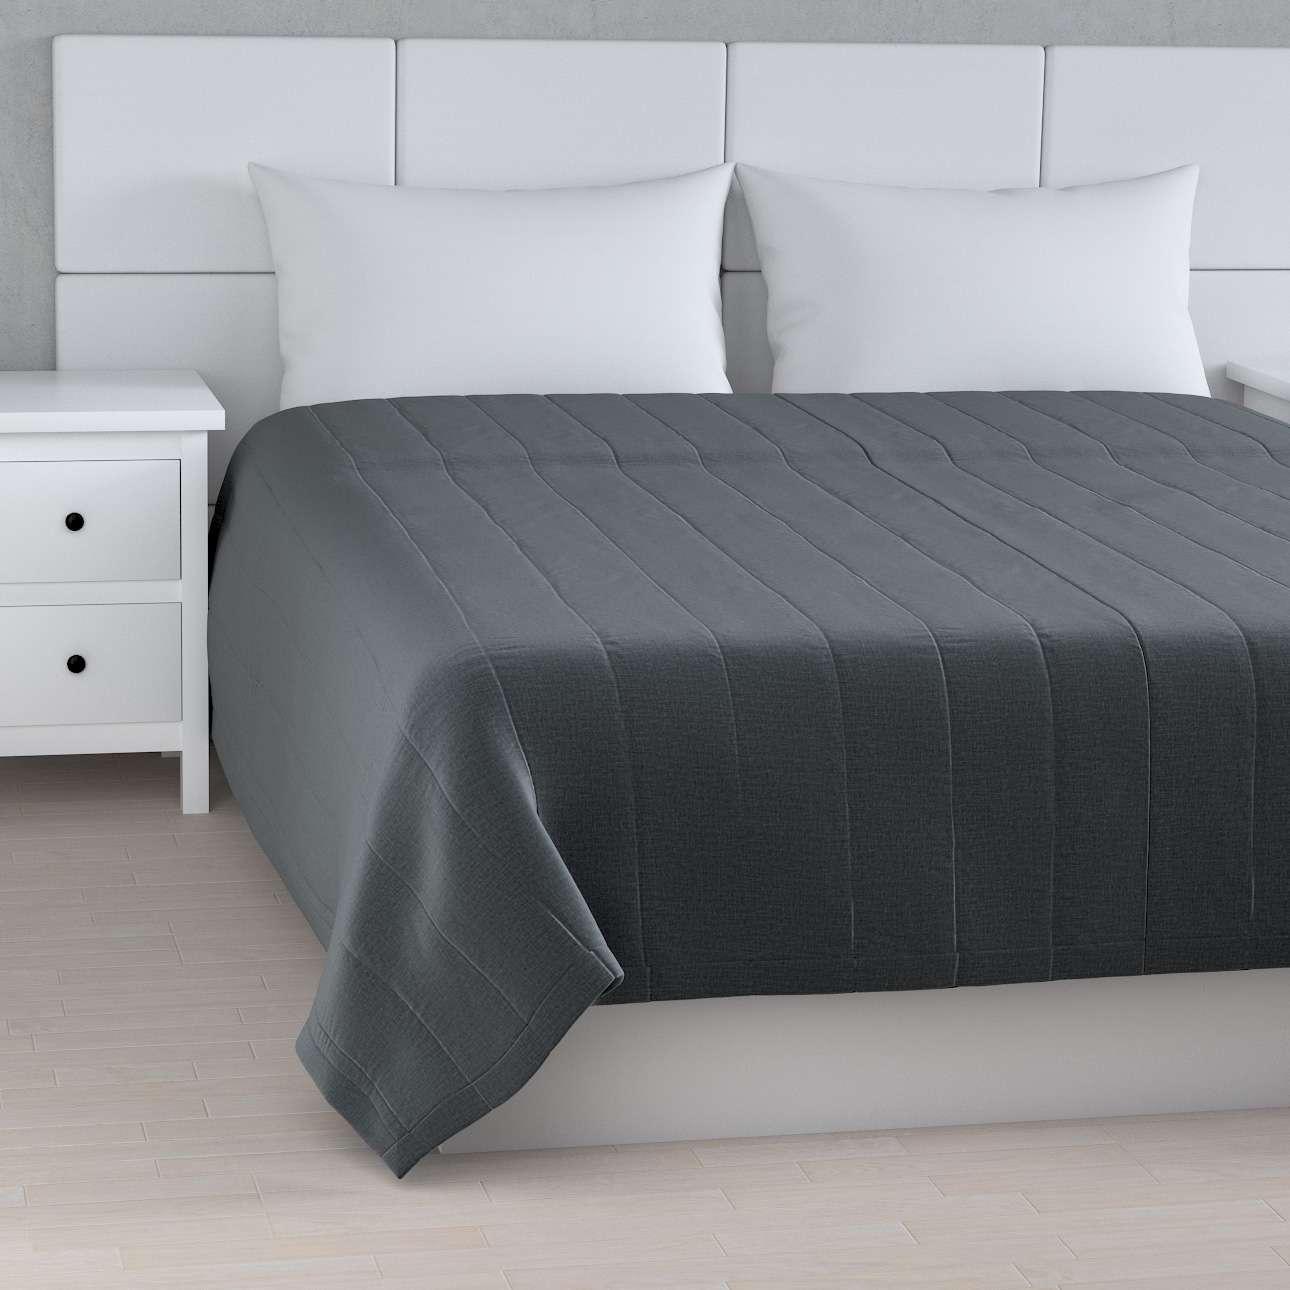 Tagesdecke mit Streifen-Steppung von der Kollektion Ingrid, Stoff: 705-43